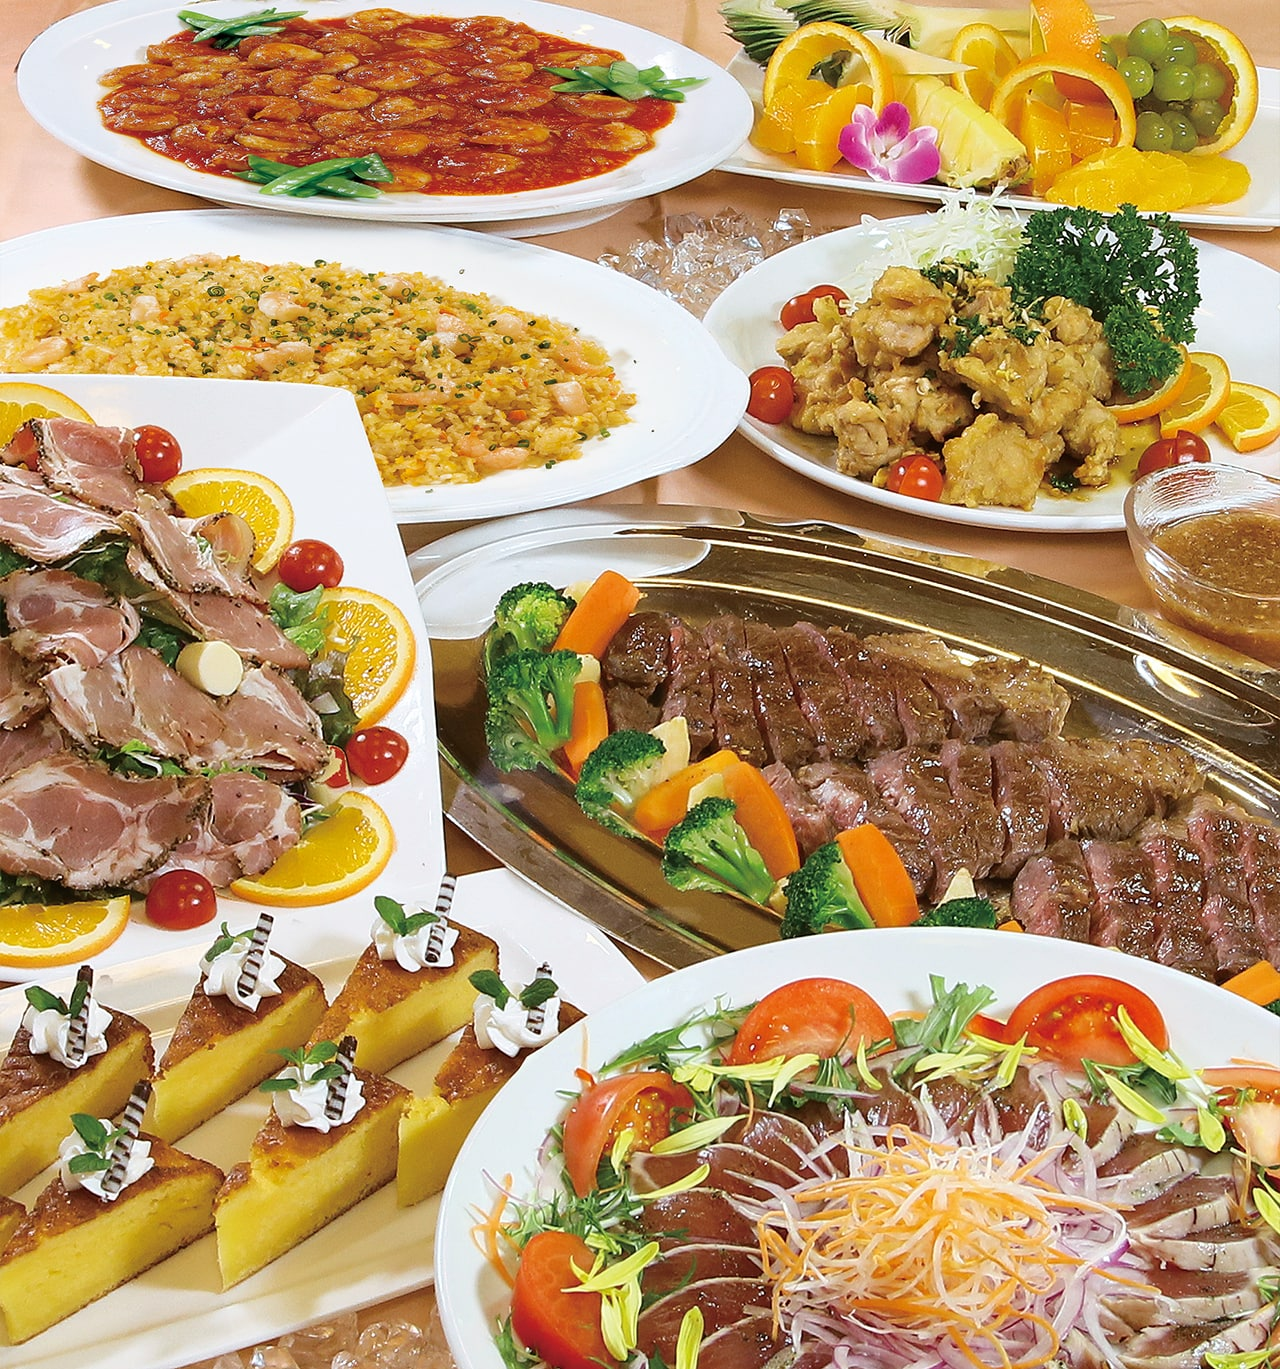 「洋食・中華卓盛料理 カトレア」5,000円